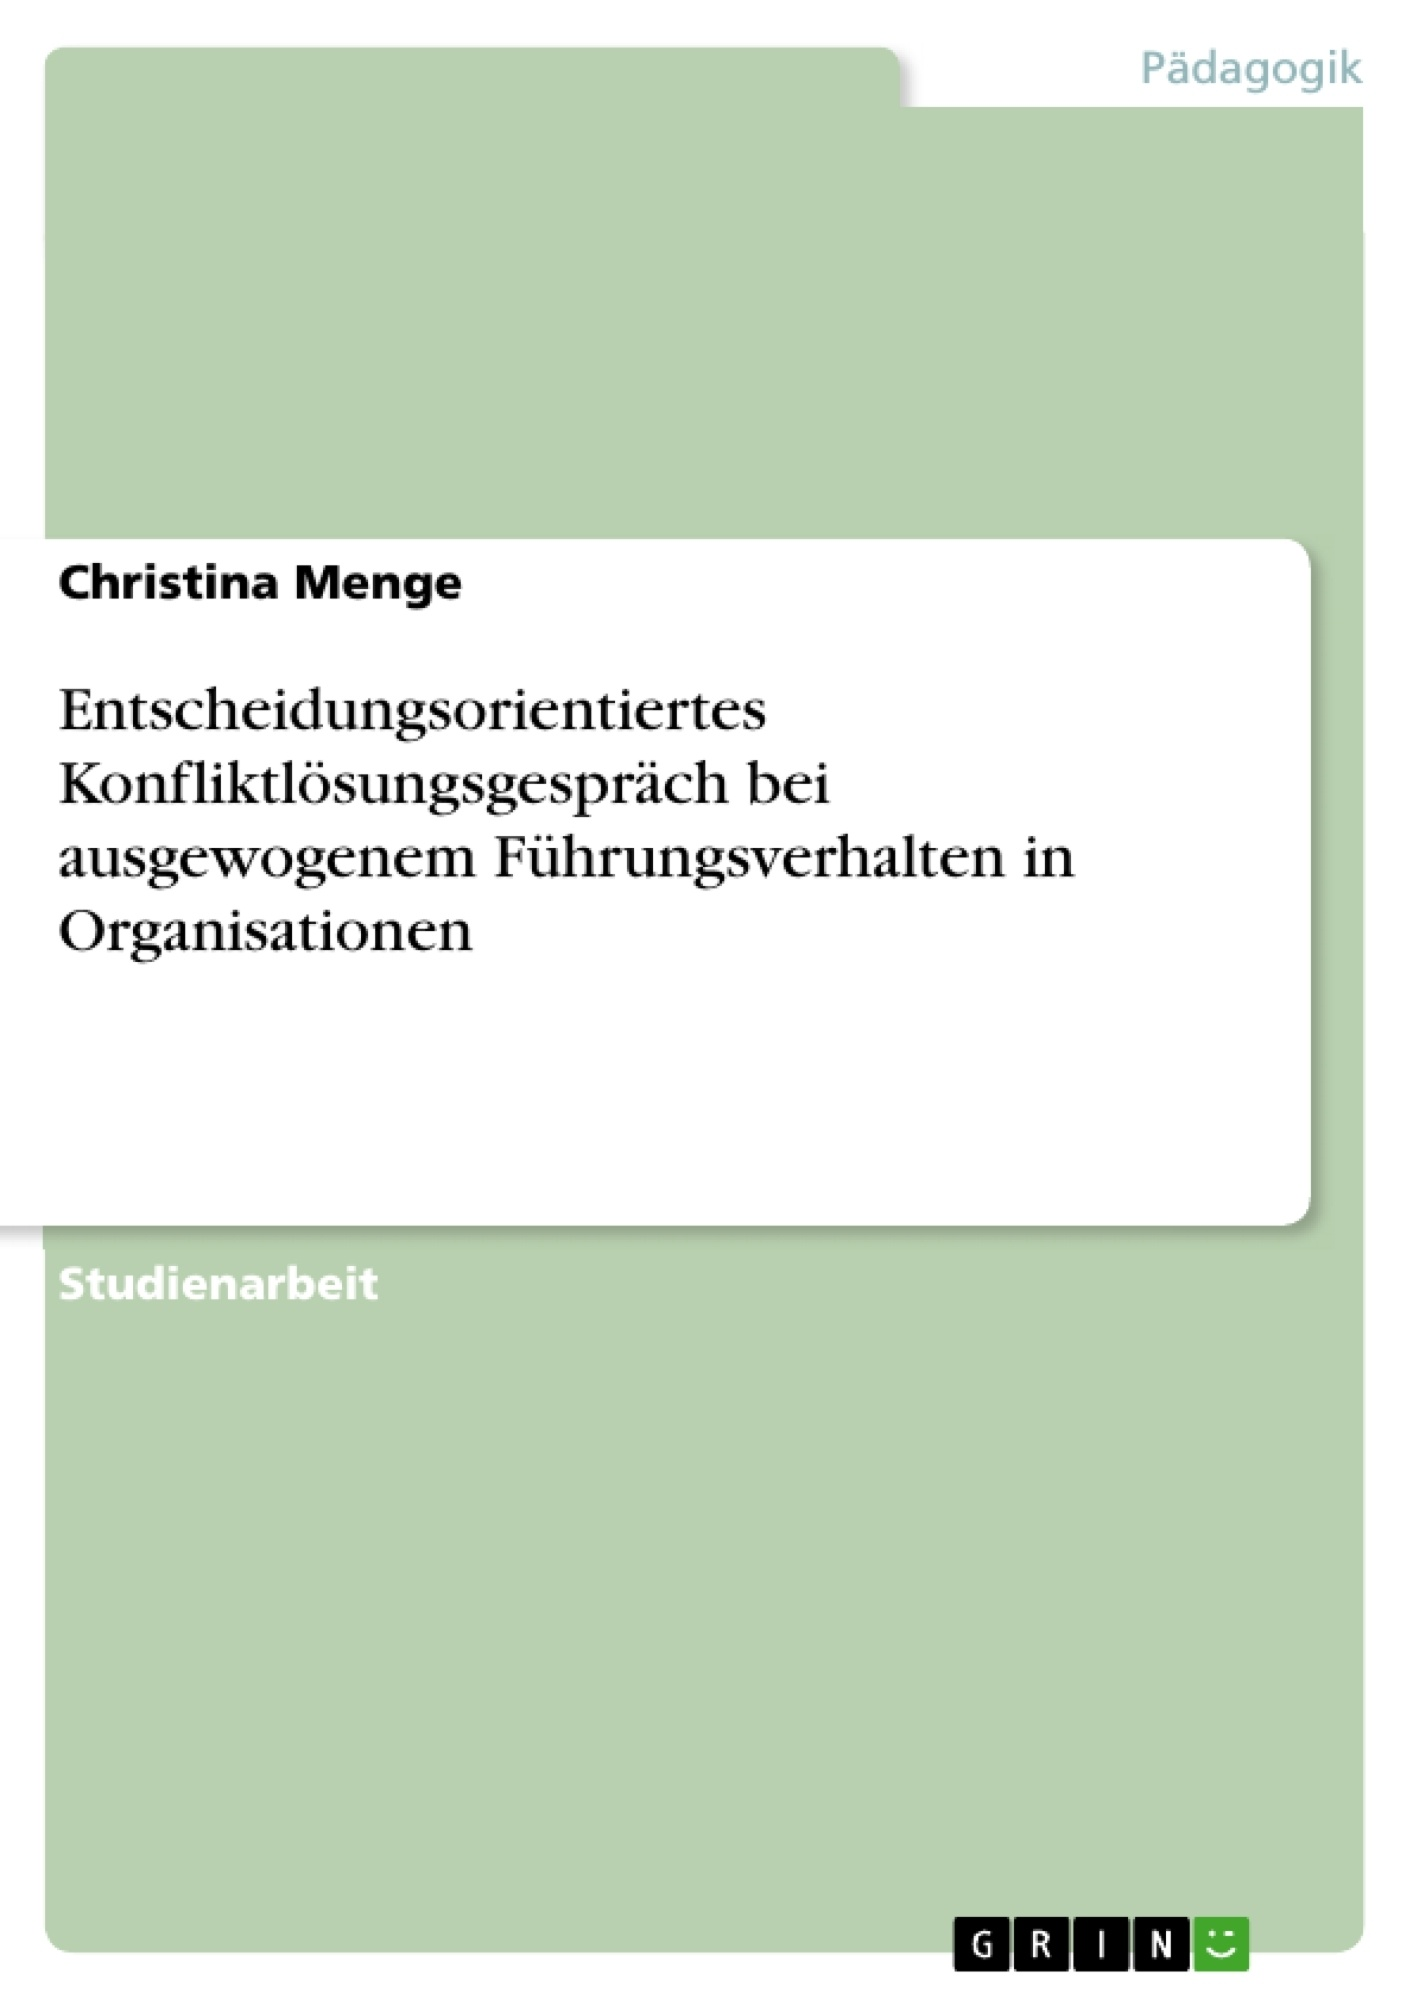 Titel: Entscheidungsorientiertes Konfliktlösungsgespräch bei ausgewogenem Führungsverhalten in Organisationen